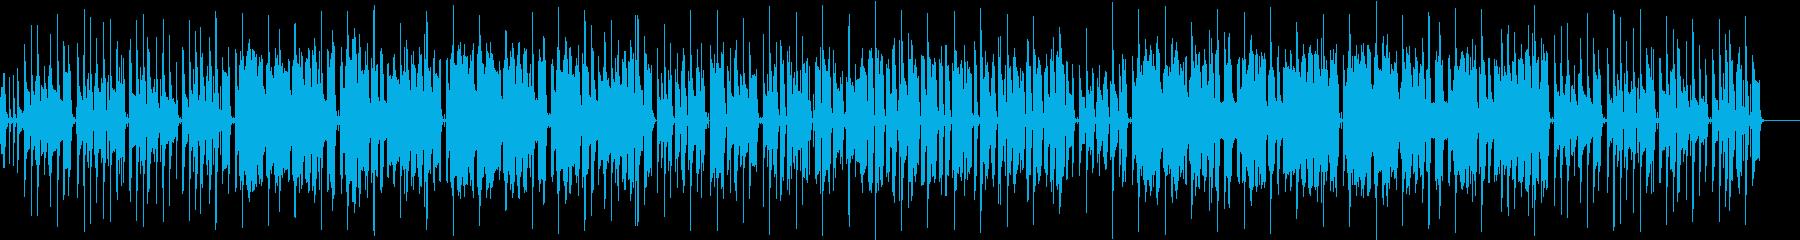 辺境の町 スローテンポ レゲエの再生済みの波形